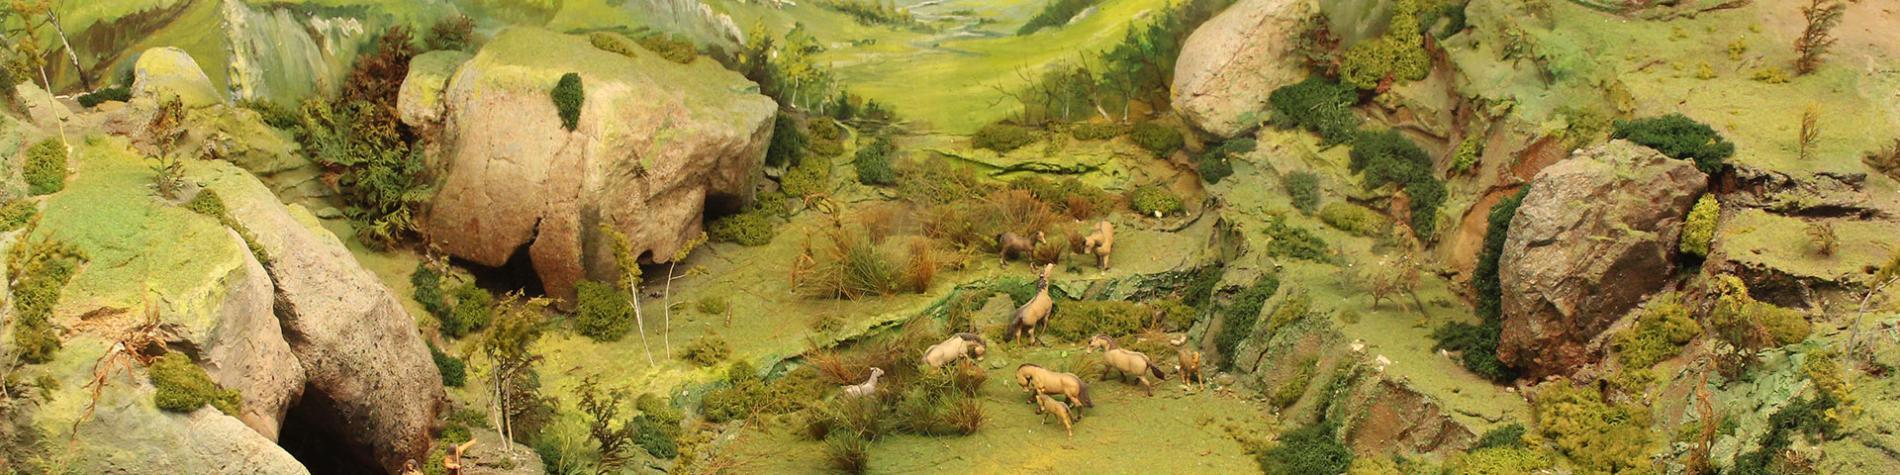 Musée - Pays d'Ourthe-Amblève - Comblain-au-Pont - Diorama - paléoenvironnement